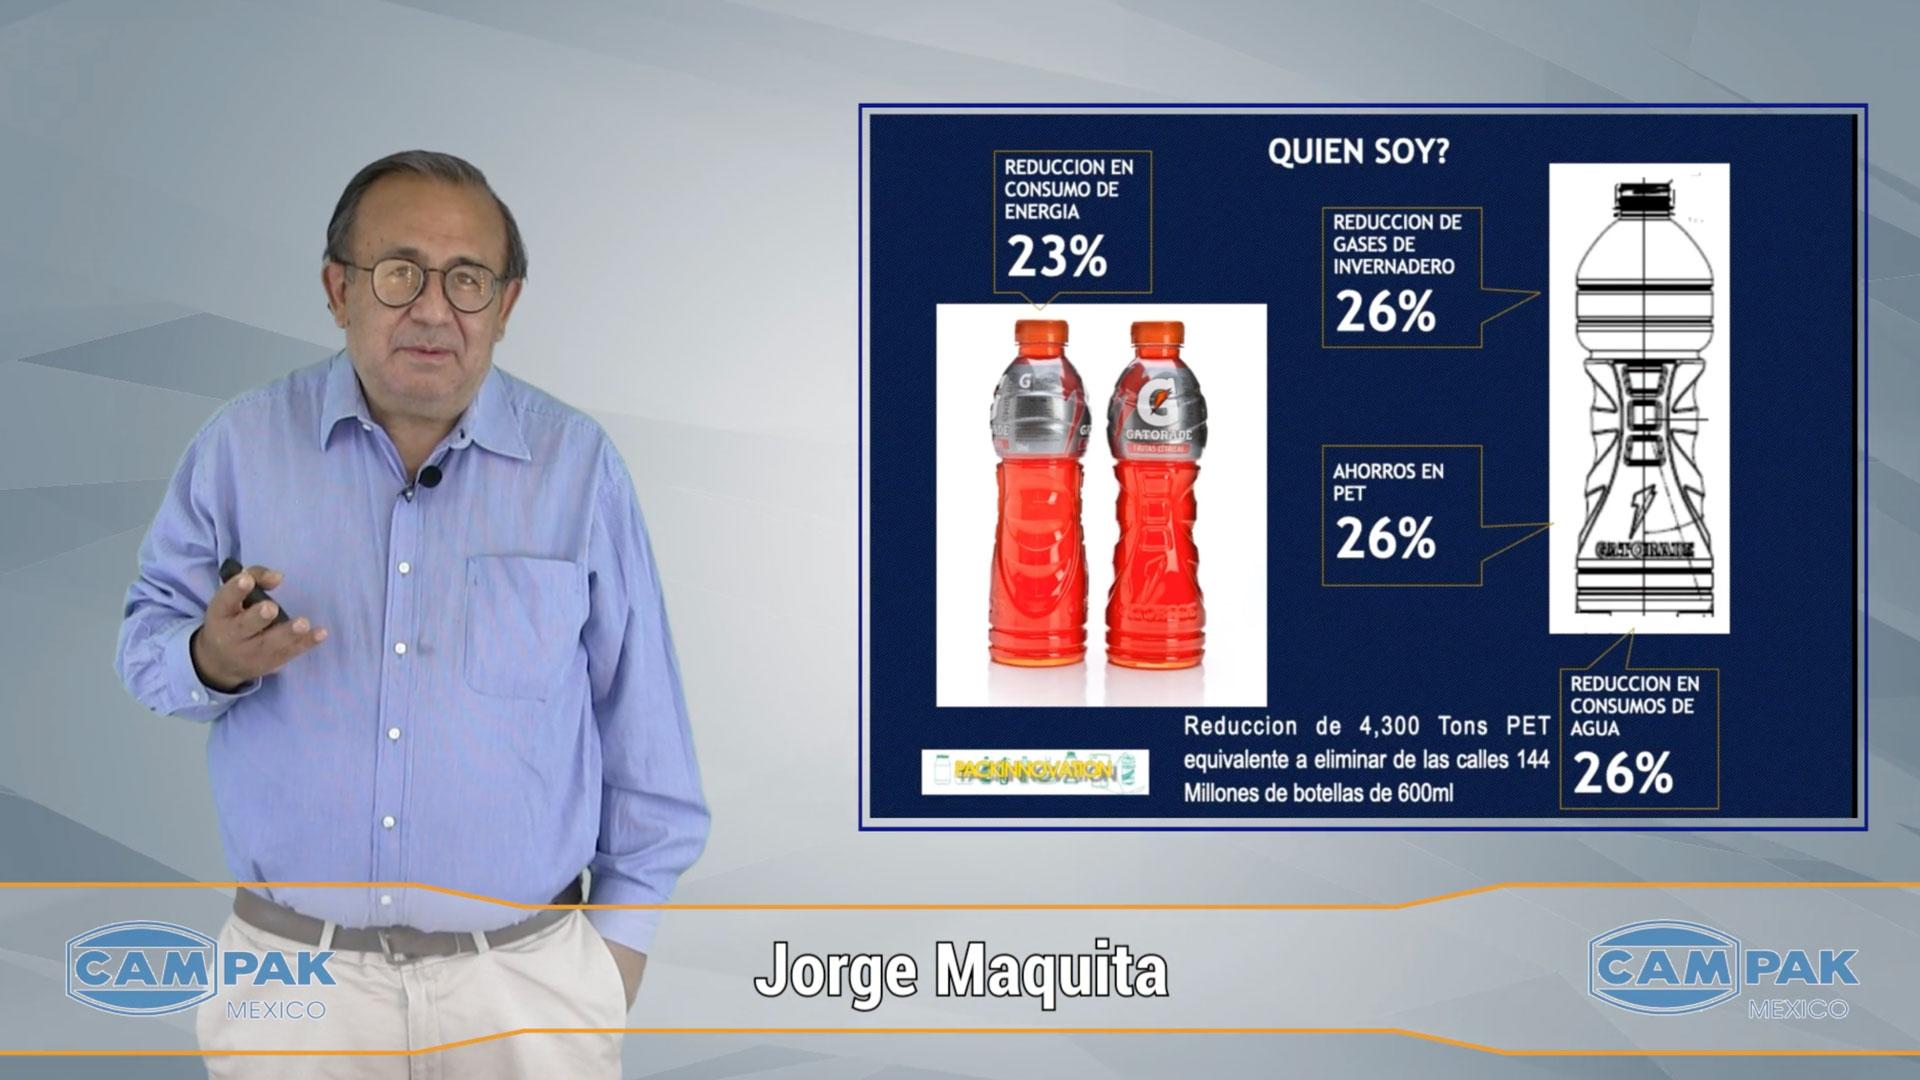 JORGE MAQUITA - El Empaque: función, retos y oportunidades